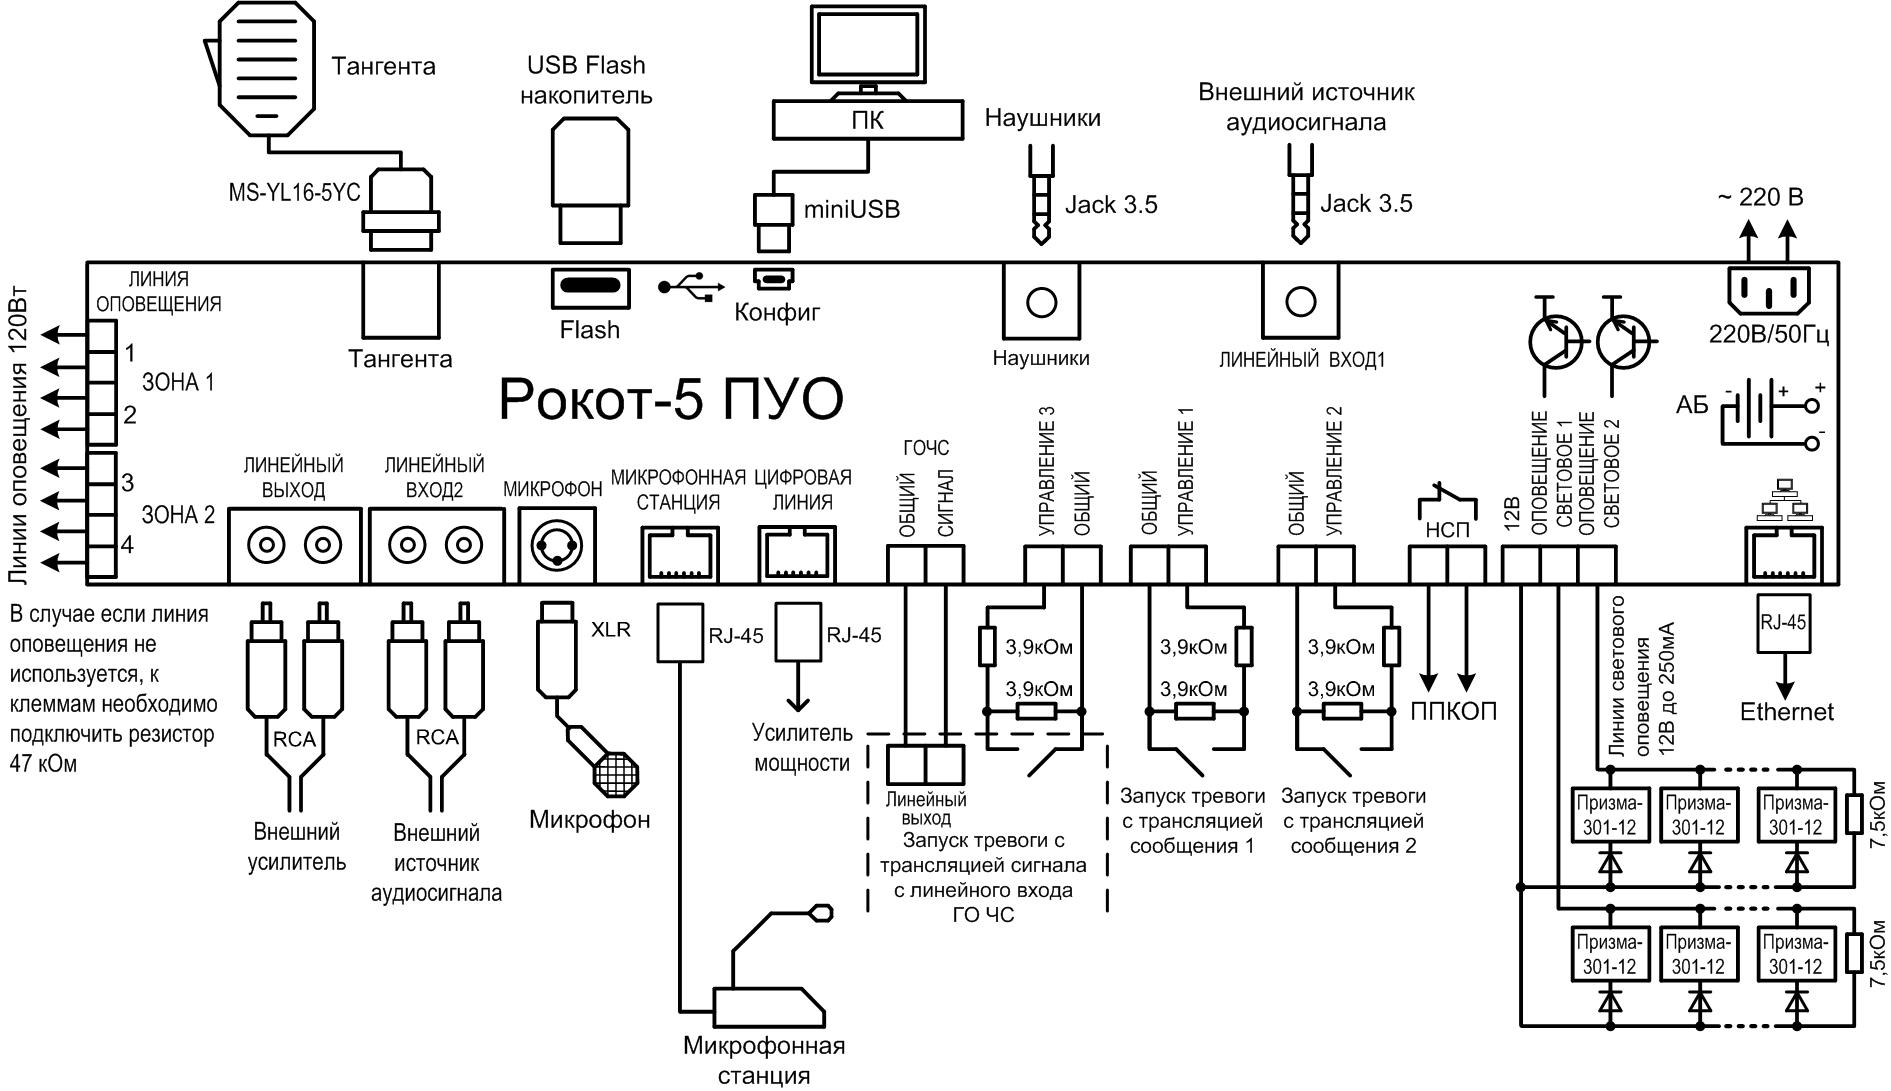 ио102-20 схема подключения